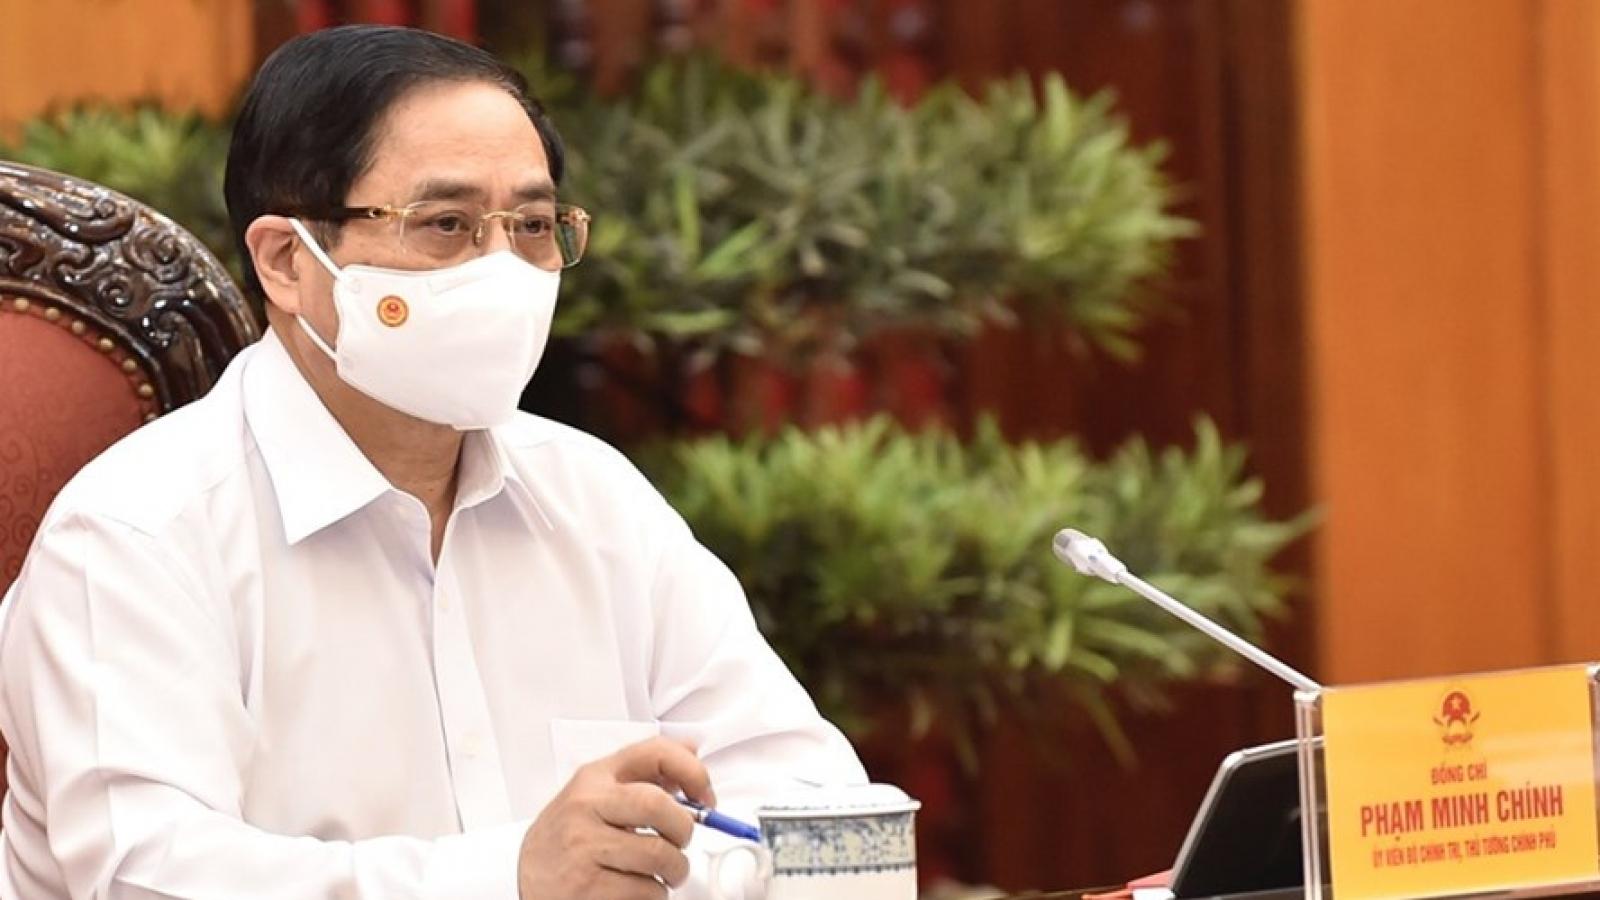 Công điện của Thủ tướng: Tập trung cao độ, bảo đảm thành công cuộc bầu cử